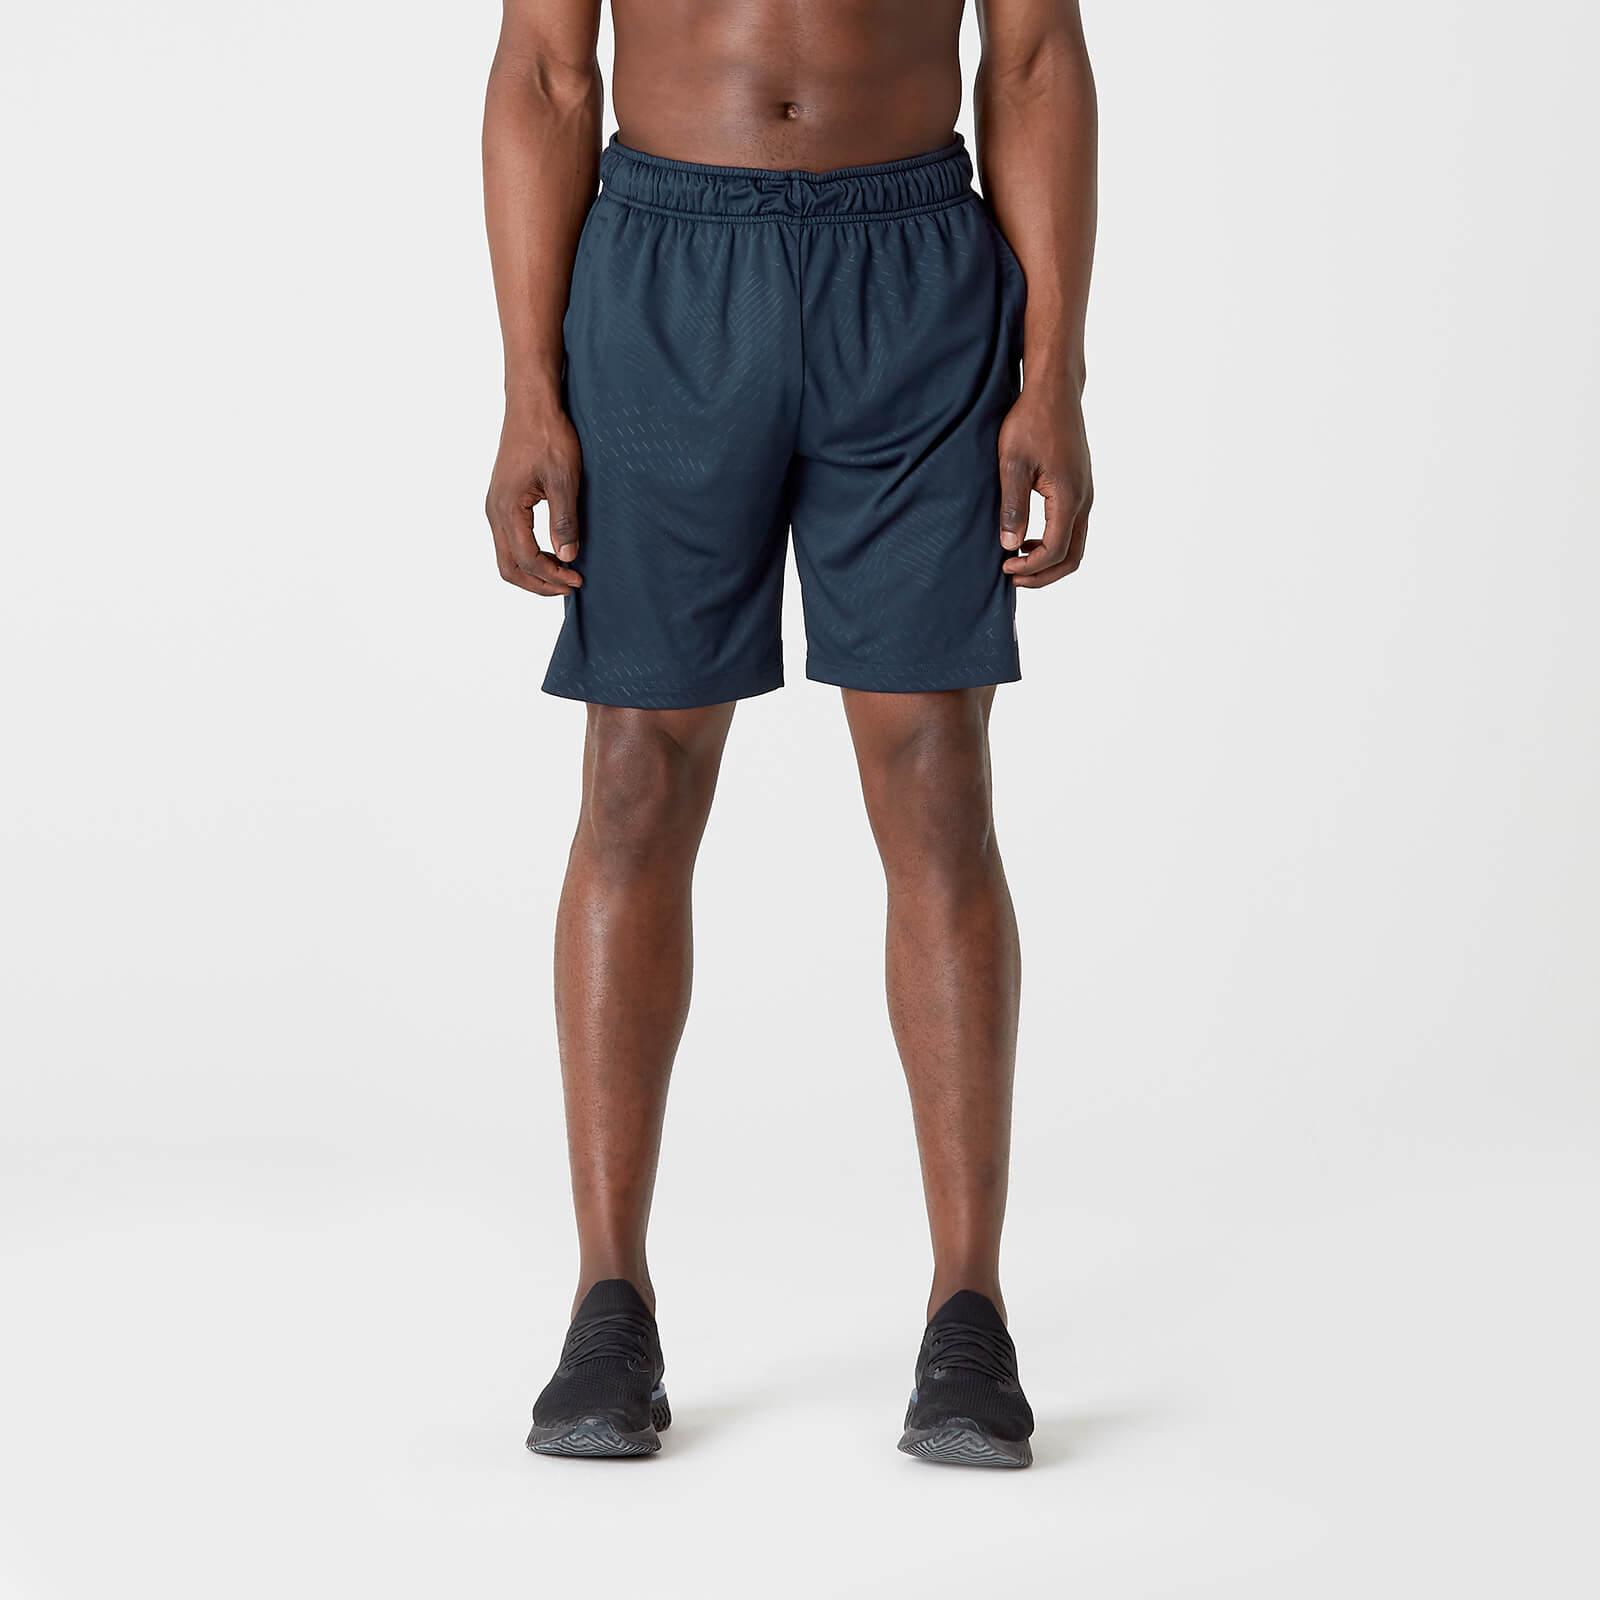 Myprotein Dry-Tech Infinity Shorts - Navy - M - Navy